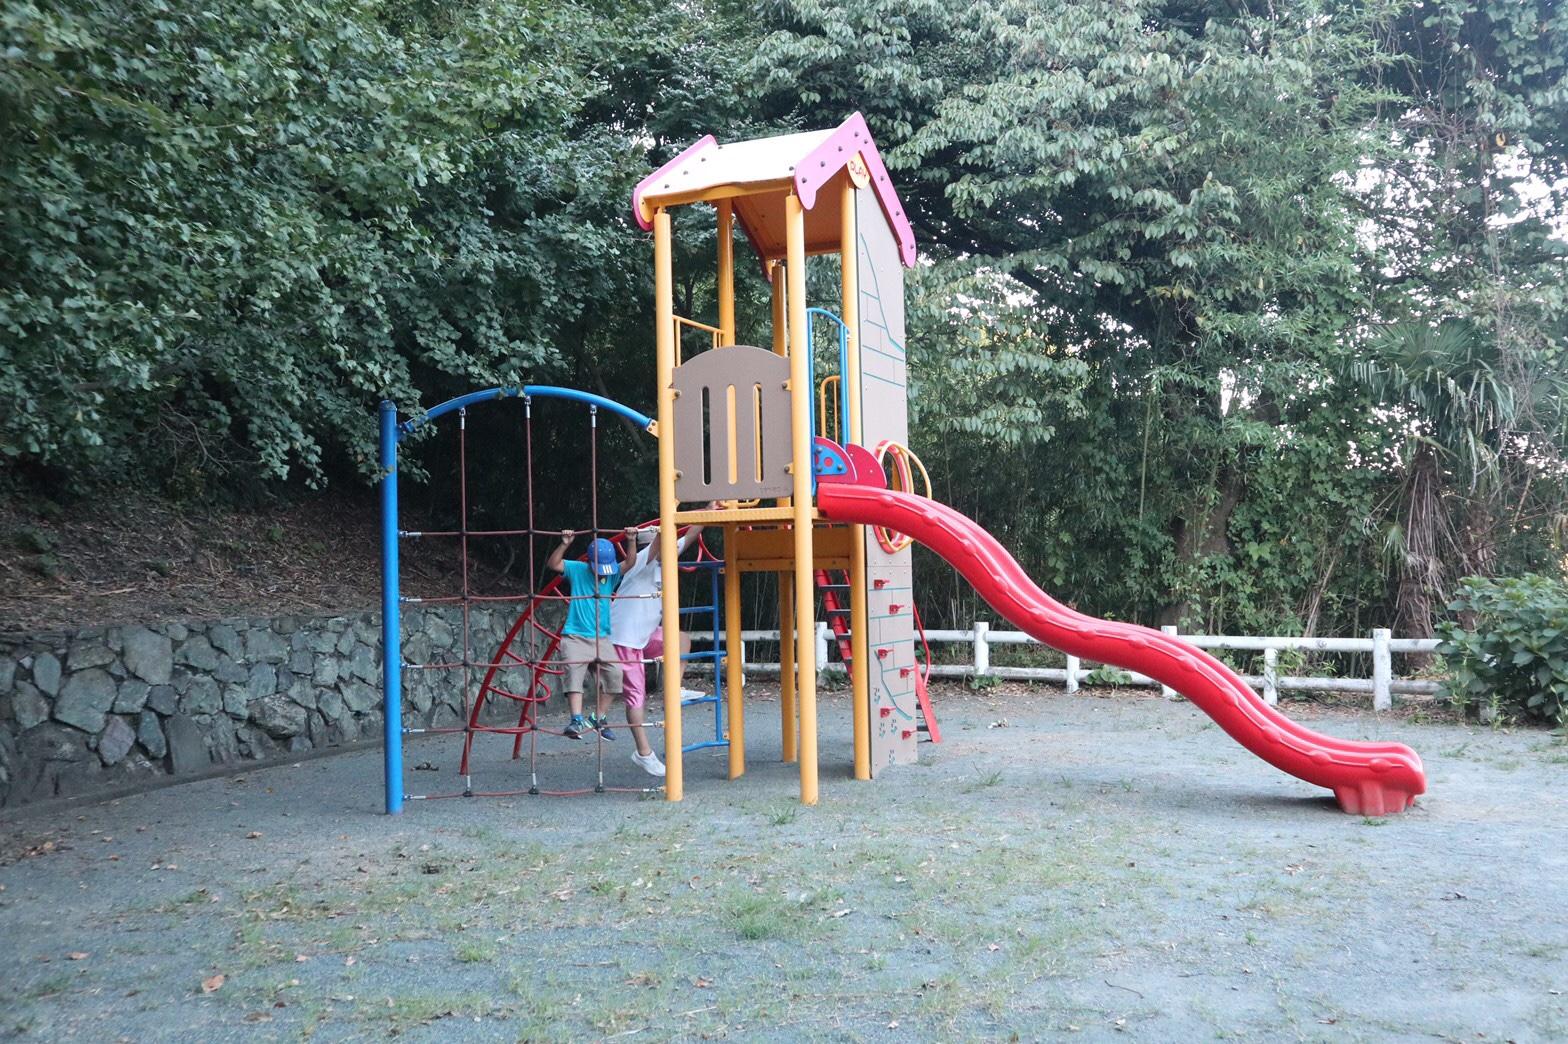 大人も楽しめる遊具がいっぱい!?伊方町にある自然に囲まれた「レッドウイングパーク」で遊んできたよ!